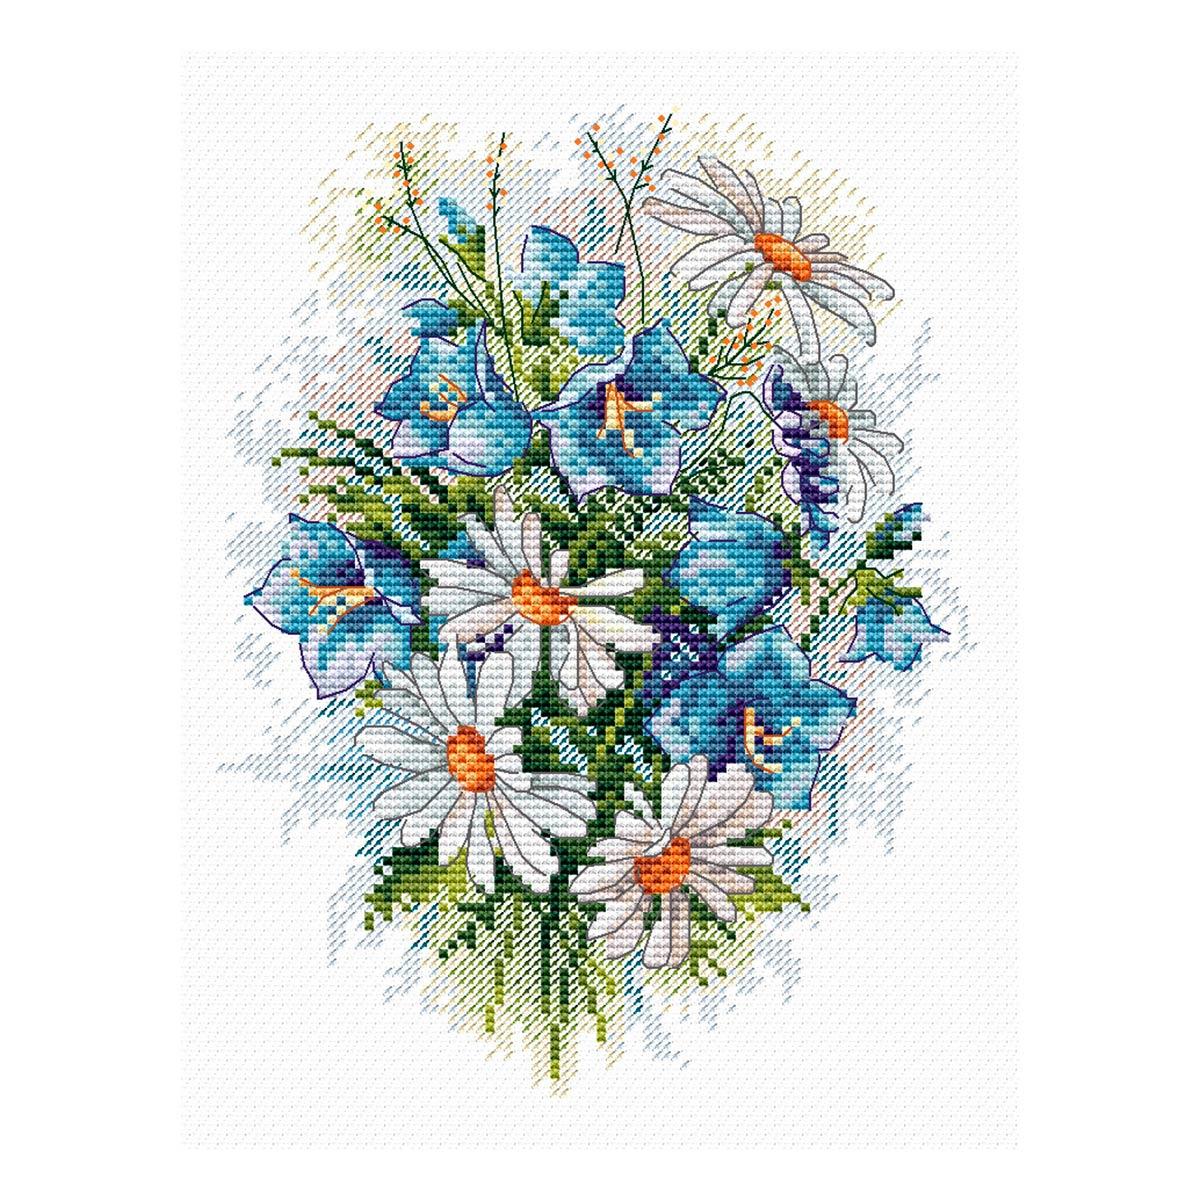 М-120 Набор для вышивания 'МП Студия' 'Луговые цветы', 18*15 см